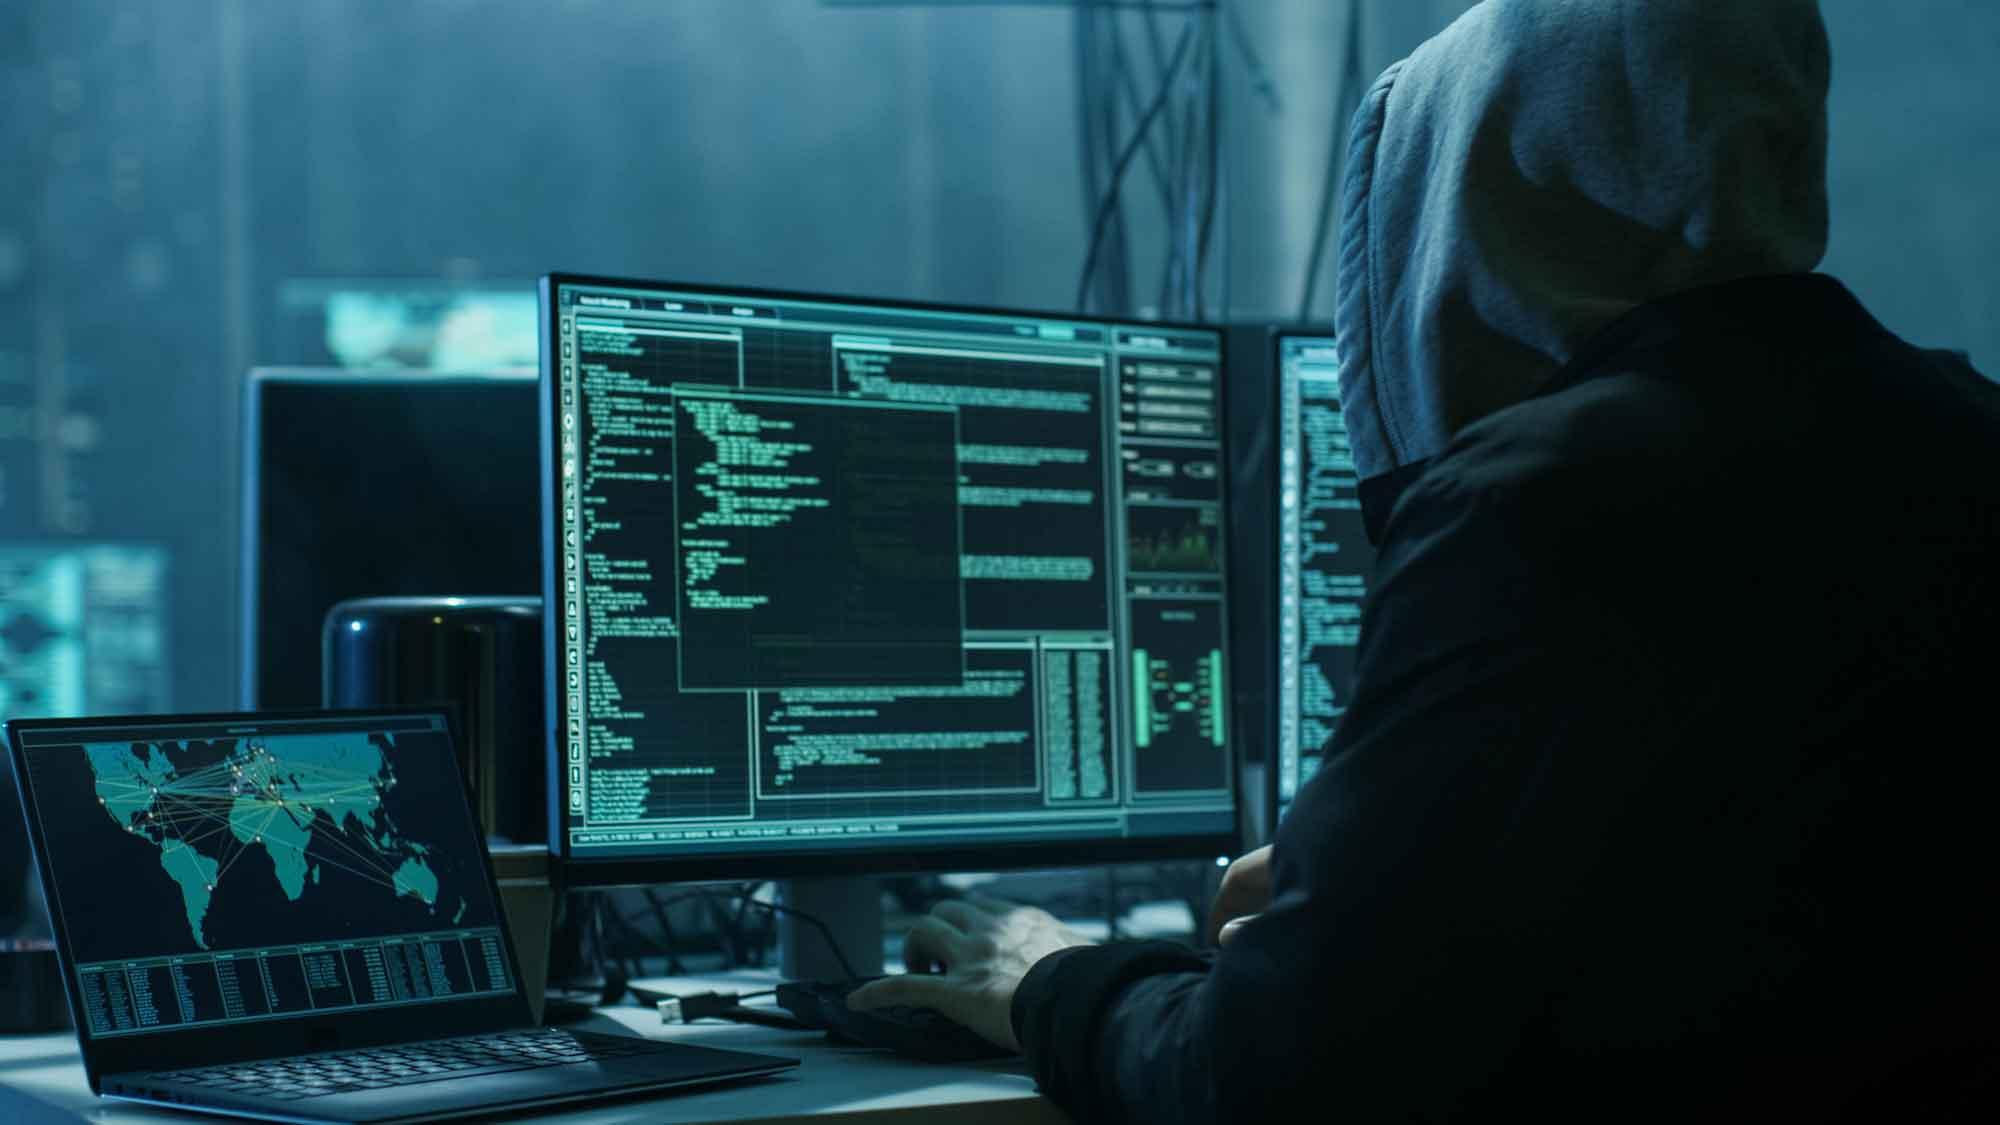 Hacking-Angriff